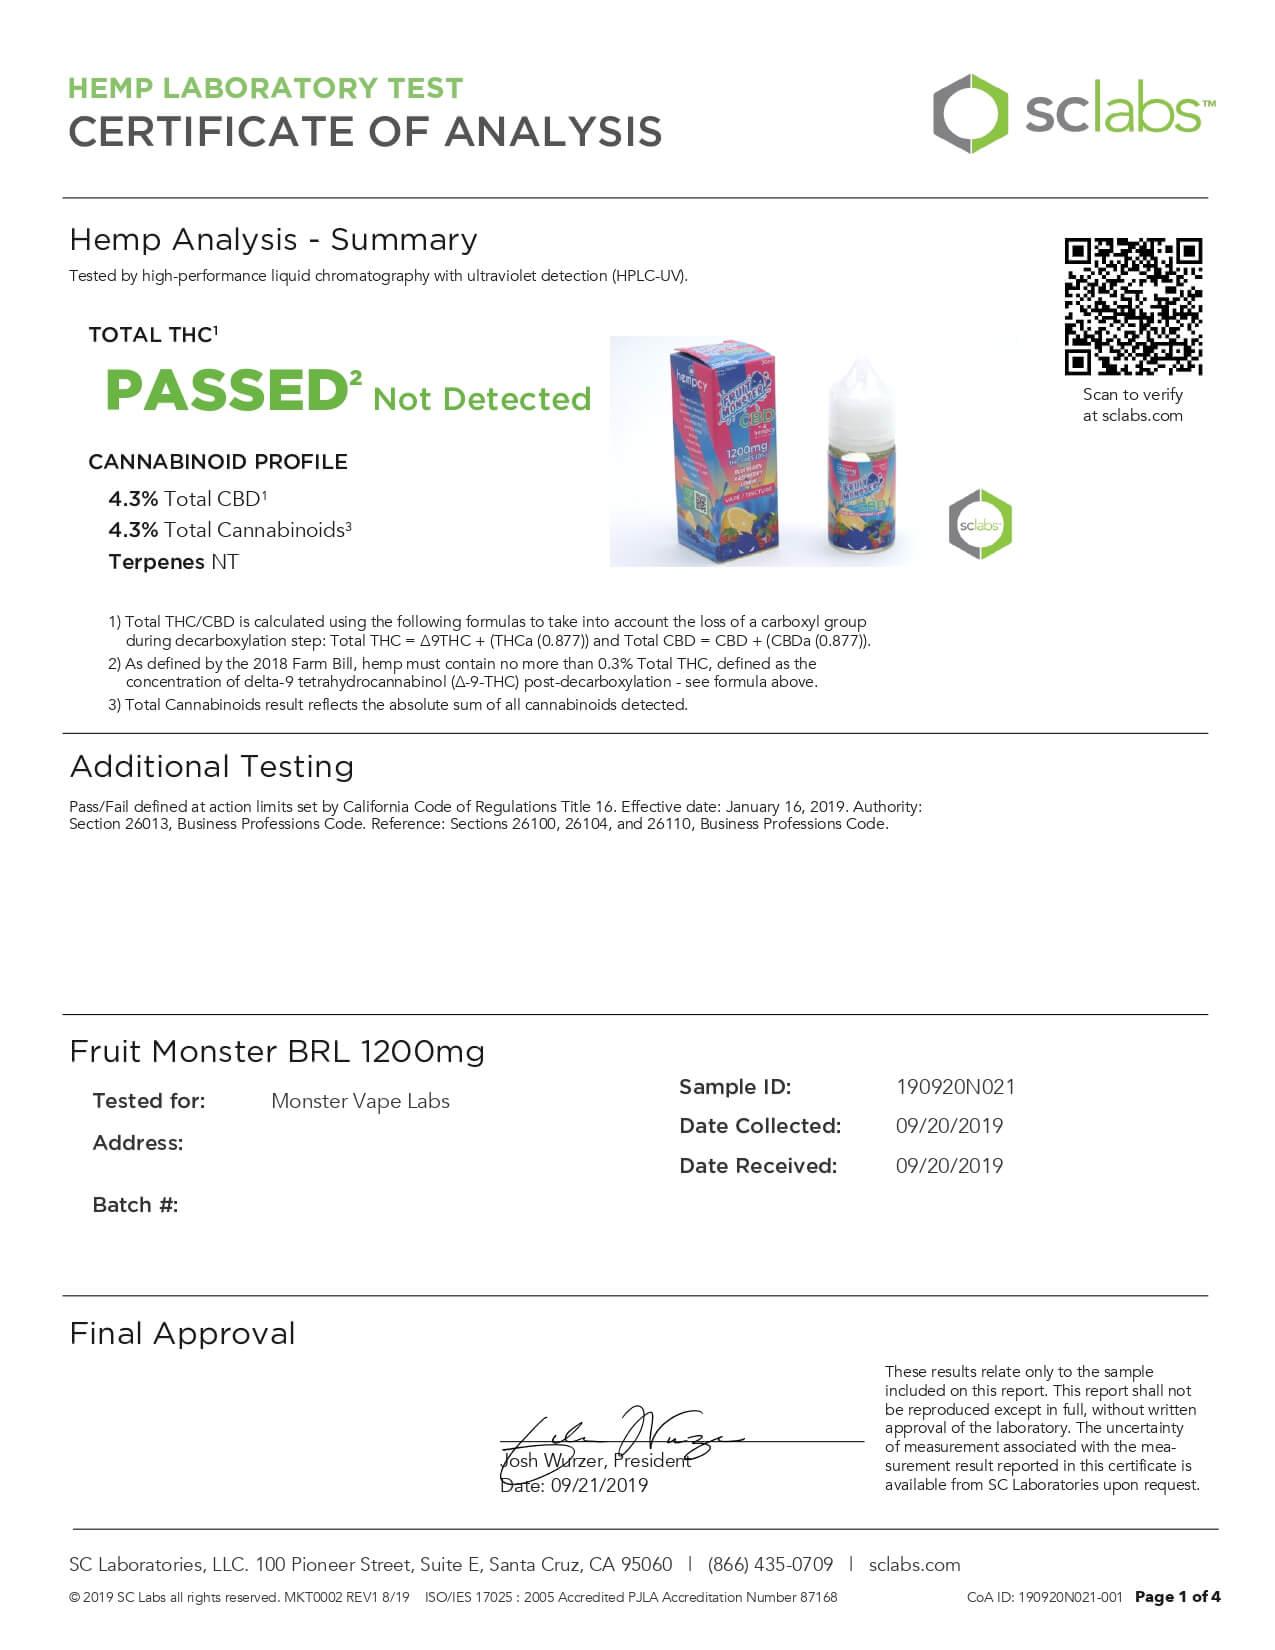 Fruit Monster CBD Vape Blueberry Raspberry Lemon 1200mg Lab Report